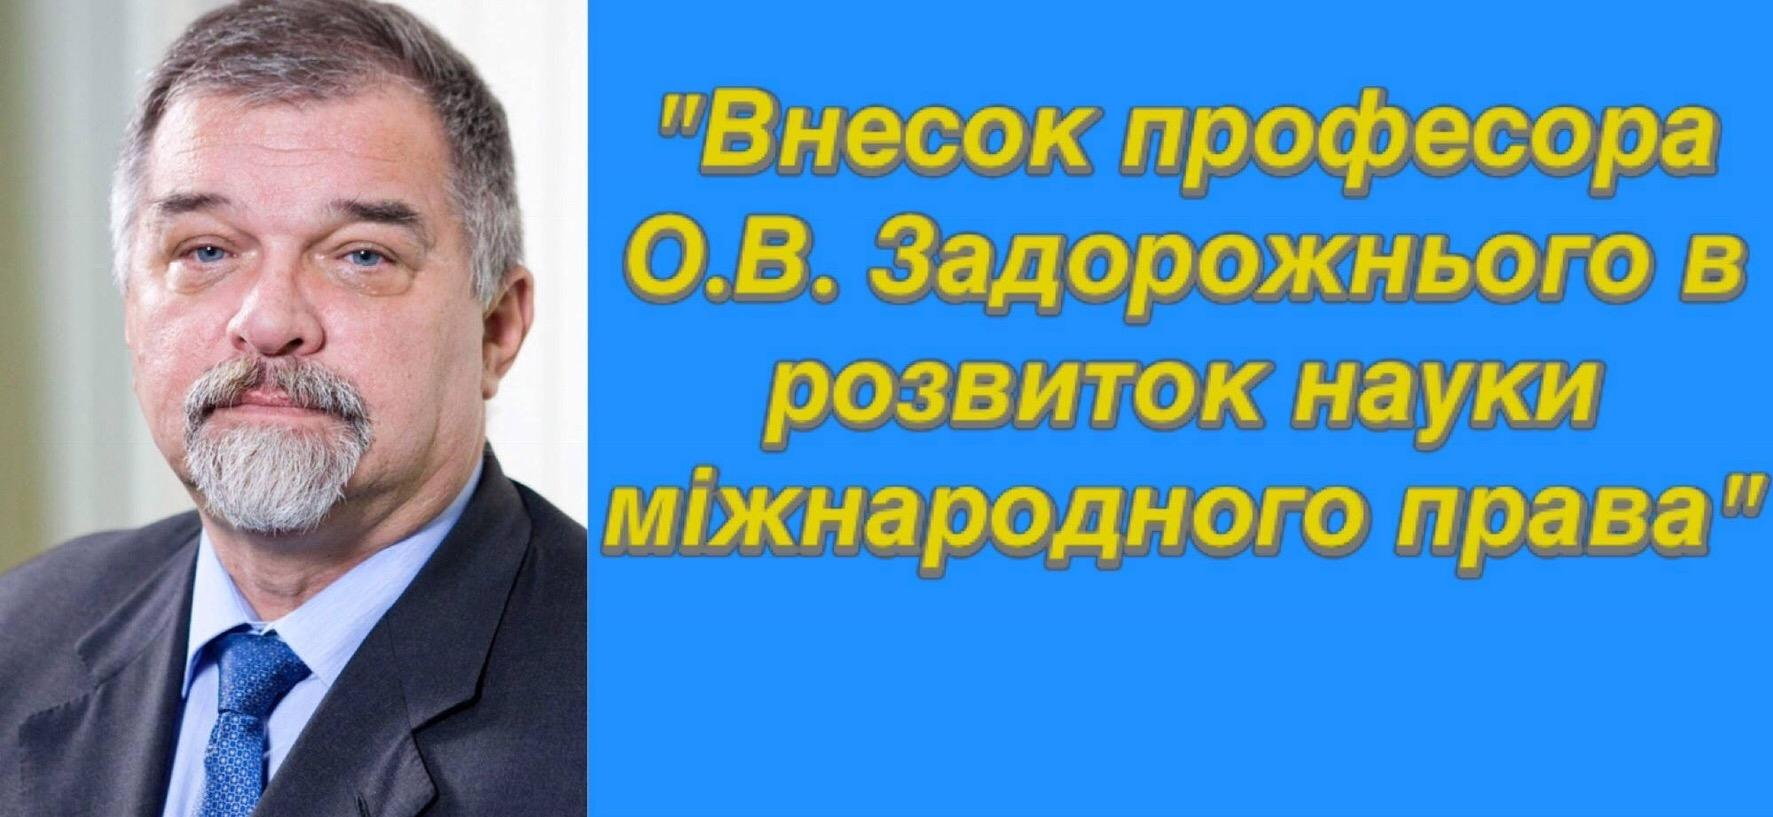 Міжнародно-правові читання пам'яті професора Олександра Задорожнього